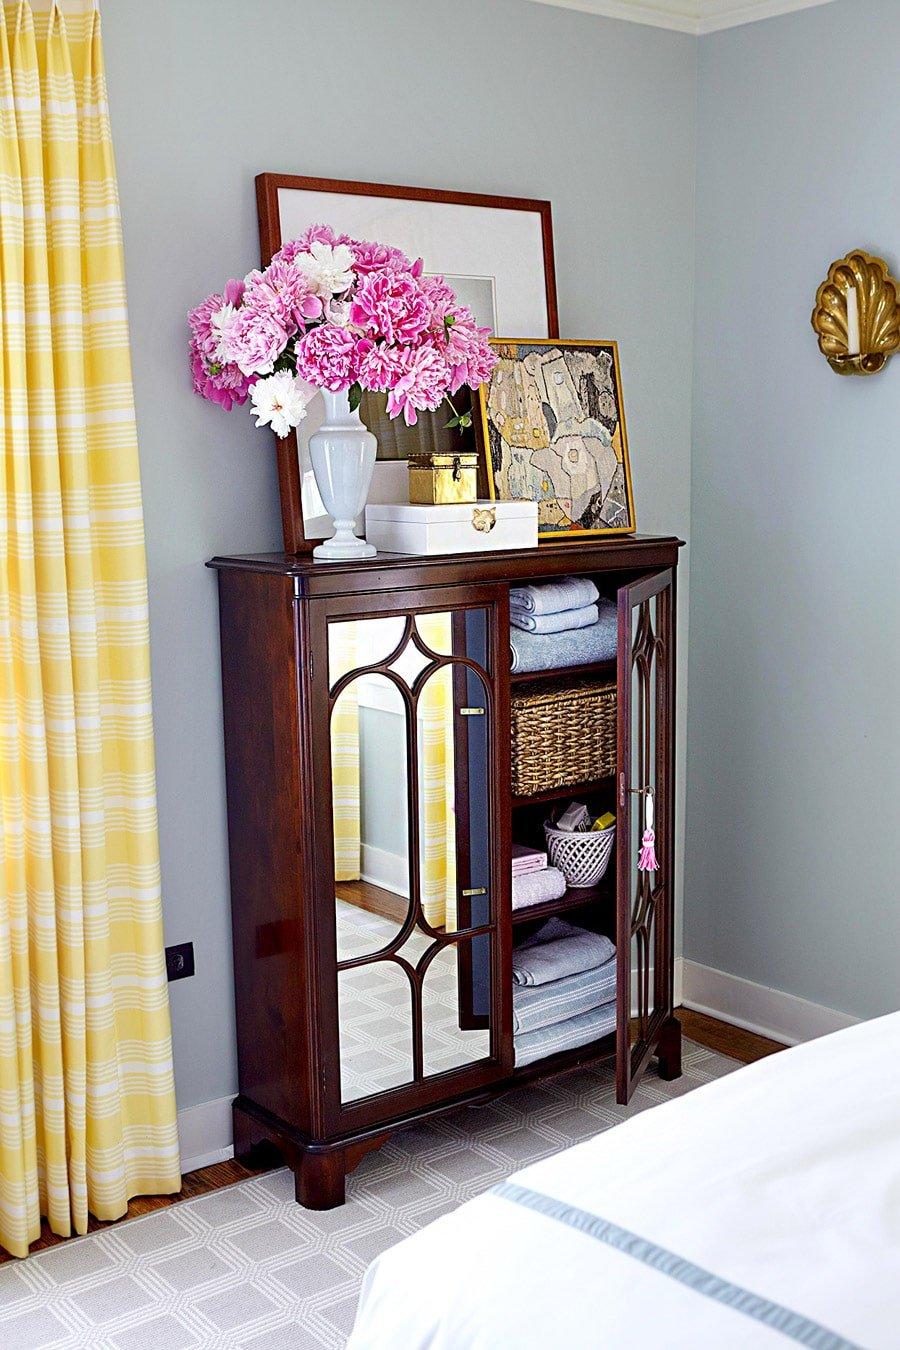 کمدهای کوچک در اتاقهای دارای فضای کم